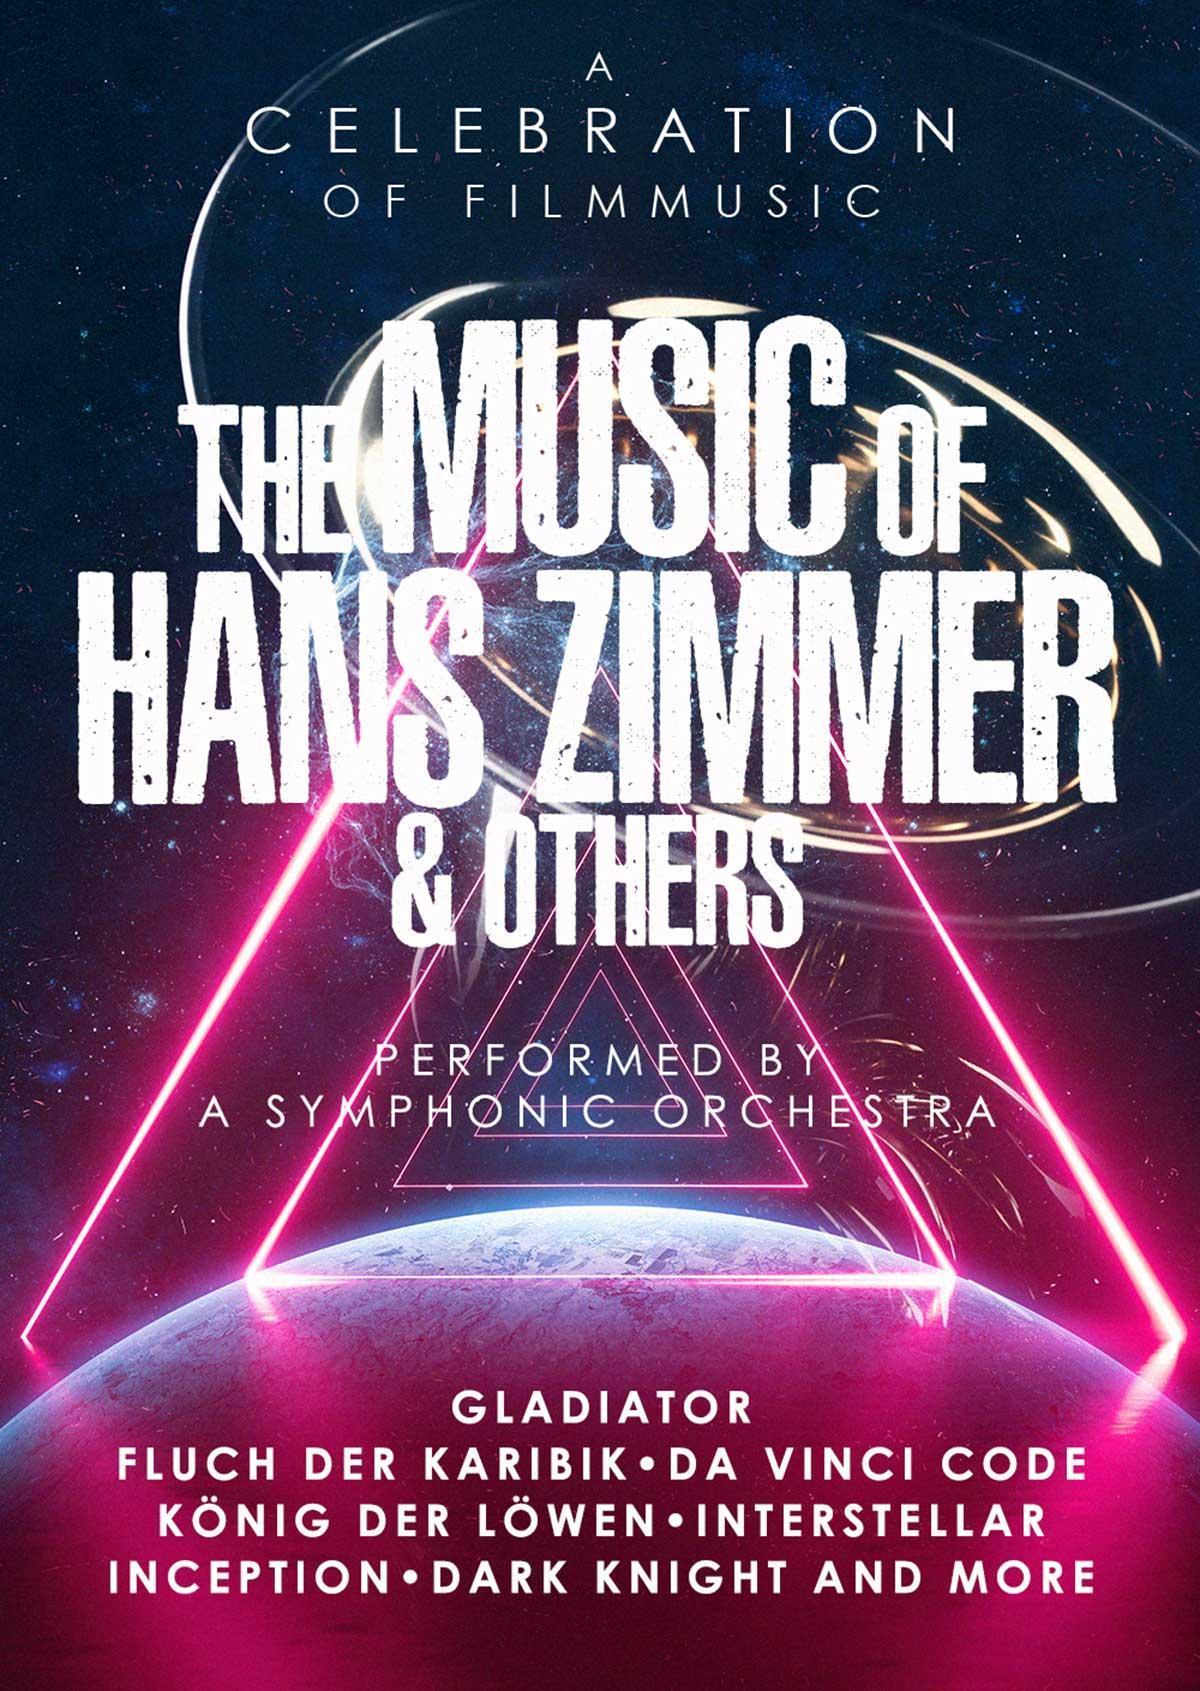 Veranstaltungsbild zu The Music of Hans Zimmer & Others